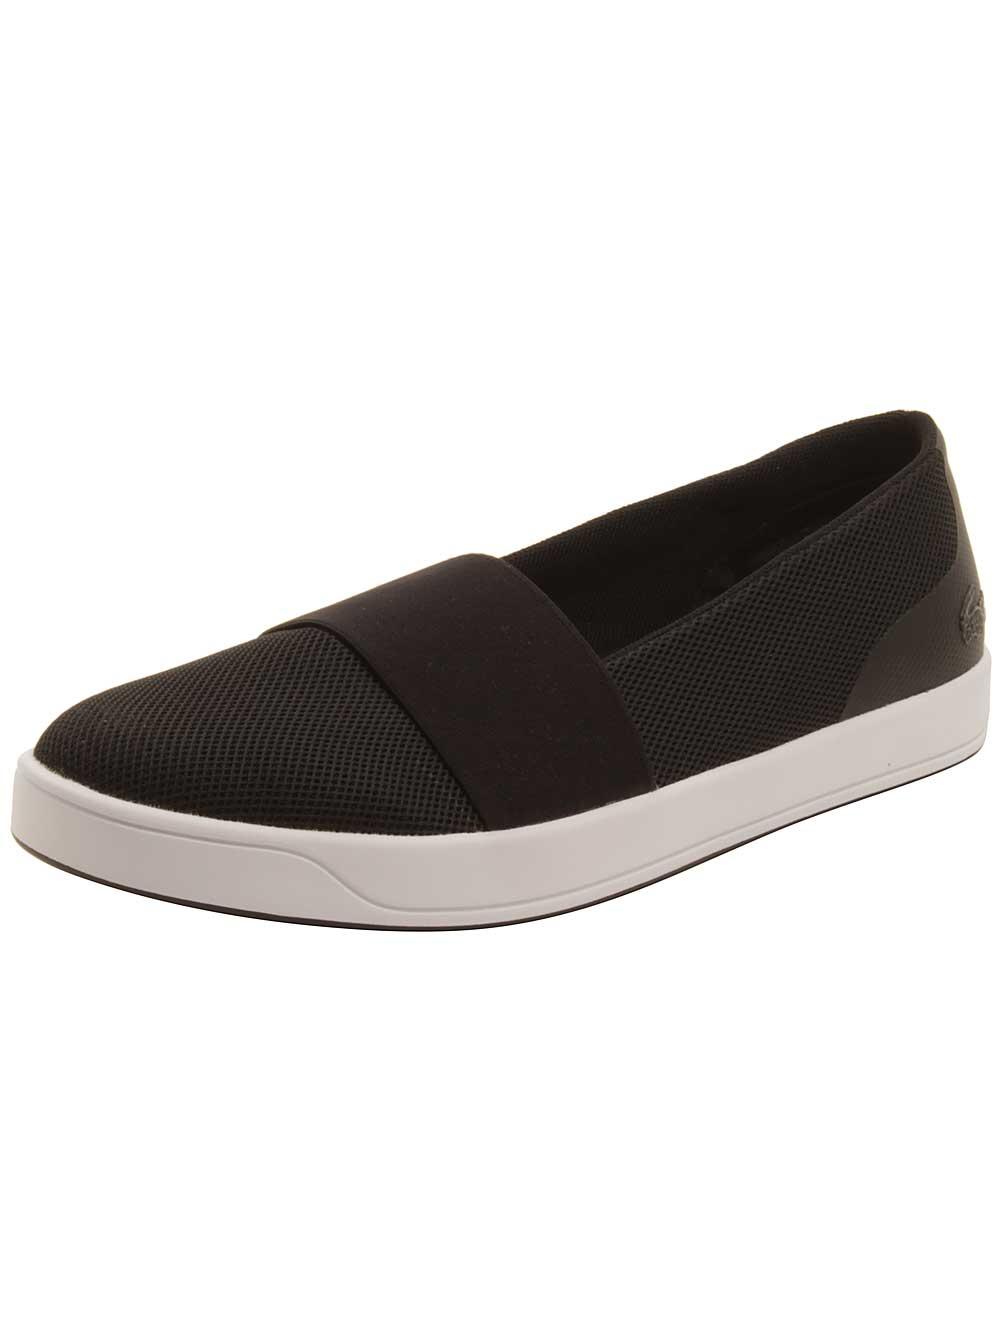 Lacoste Women's Lyonella Slip 217 Sneaker